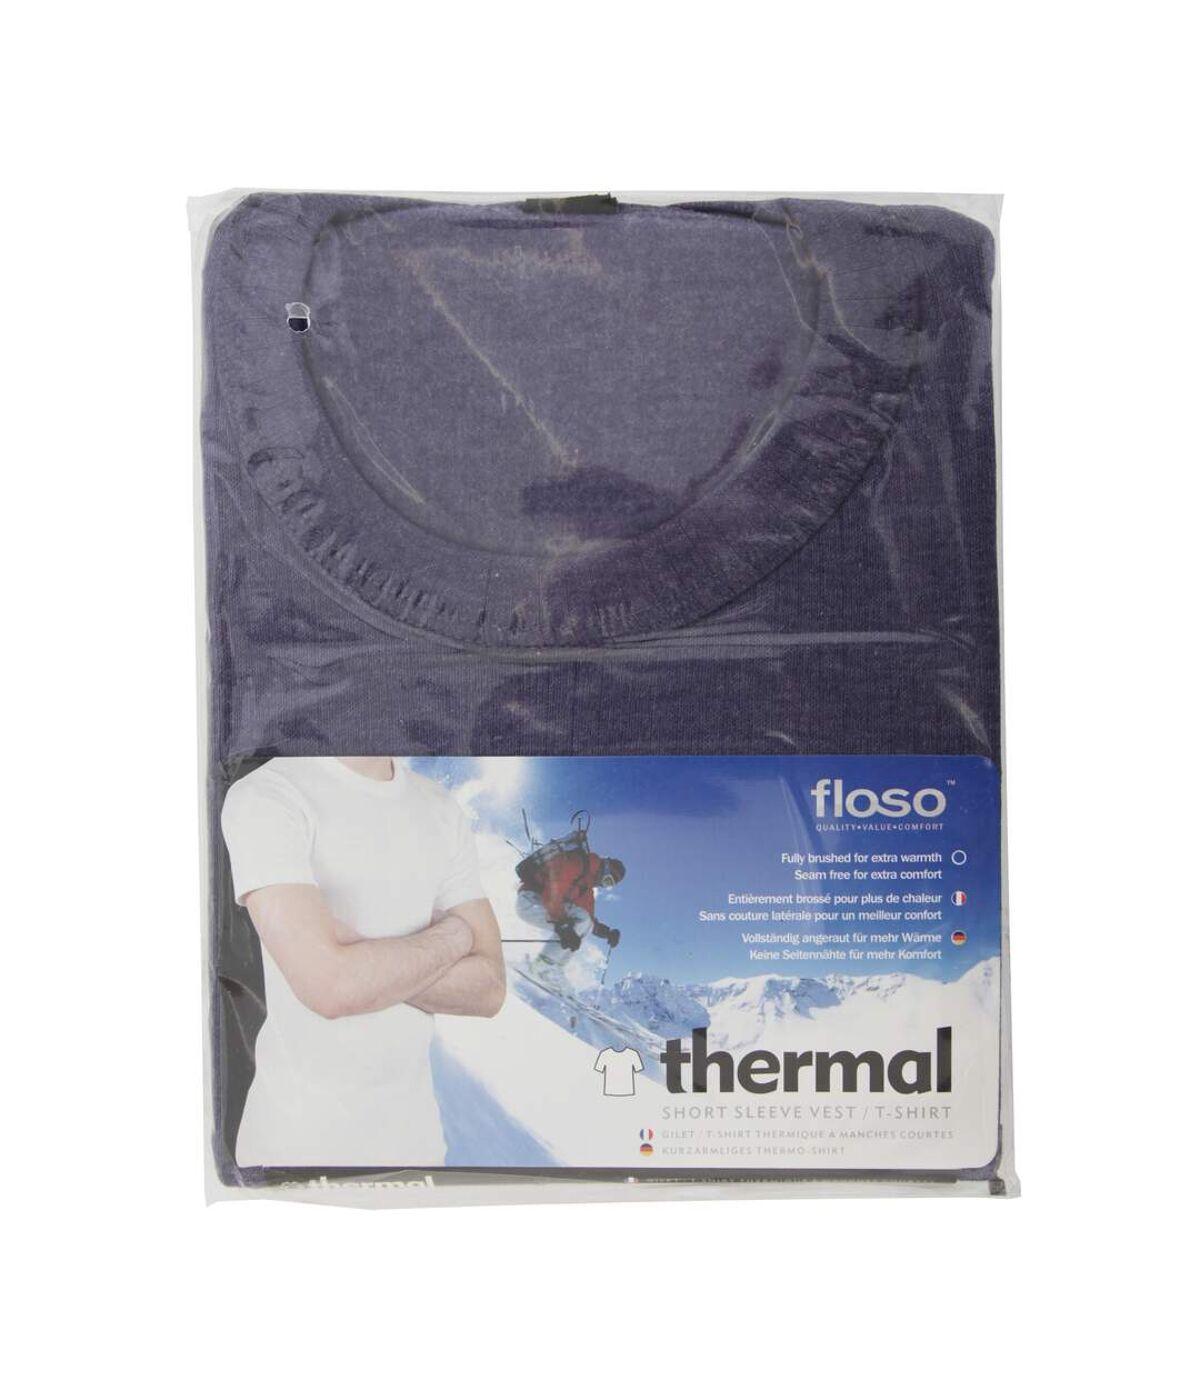 FLOSO - T-shirt thermique à manches courtes (standard) - Homme (Denim foncé) - UTTHERM111